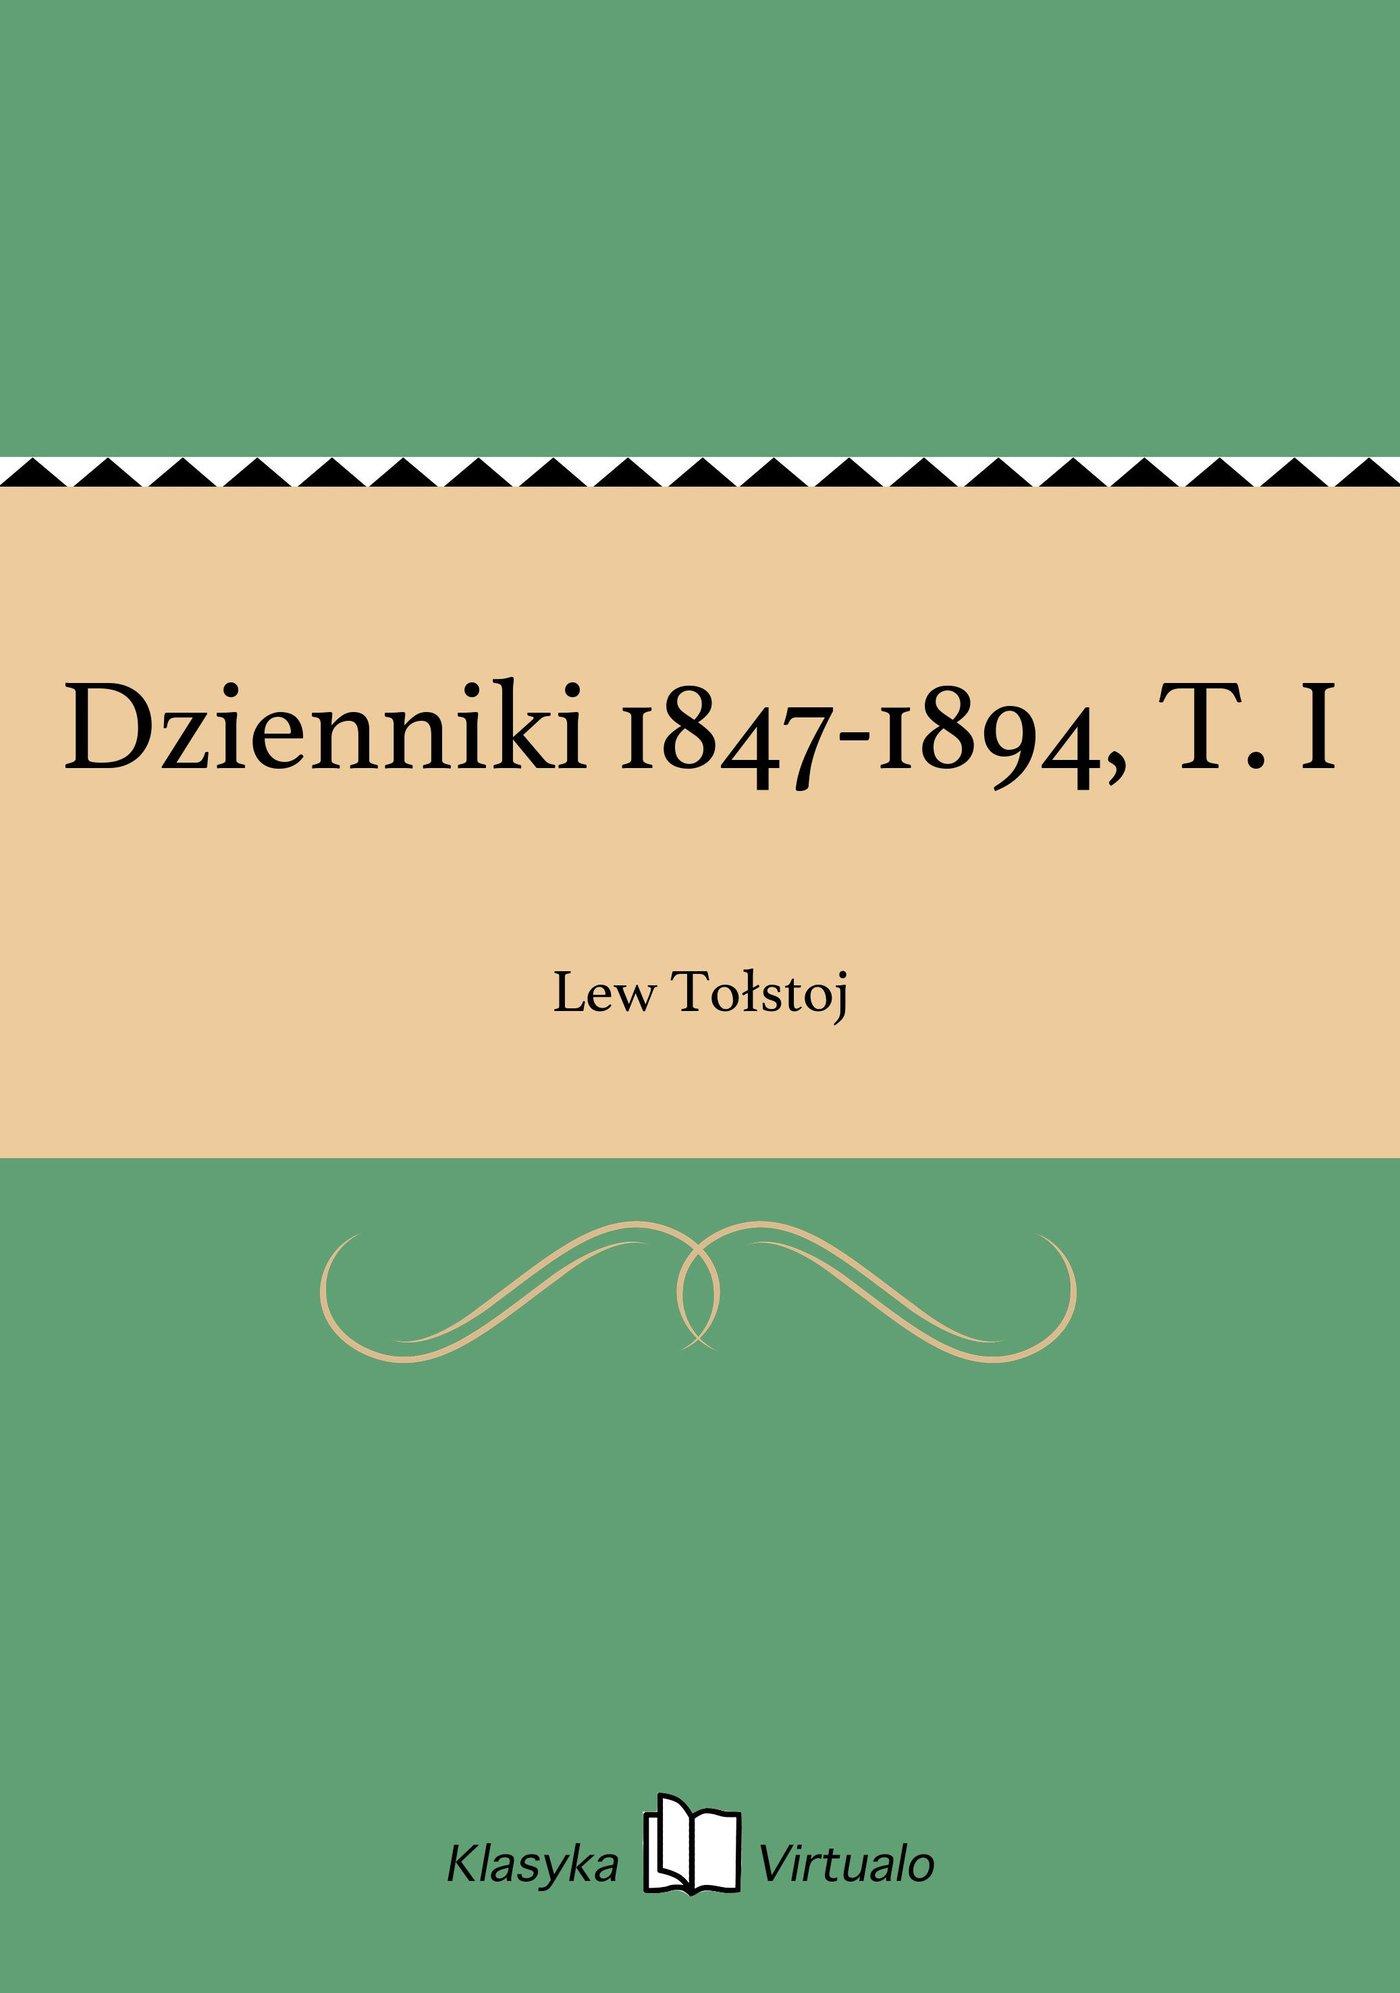 Dzienniki 1847-1894, T. I - Ebook (Książka na Kindle) do pobrania w formacie MOBI